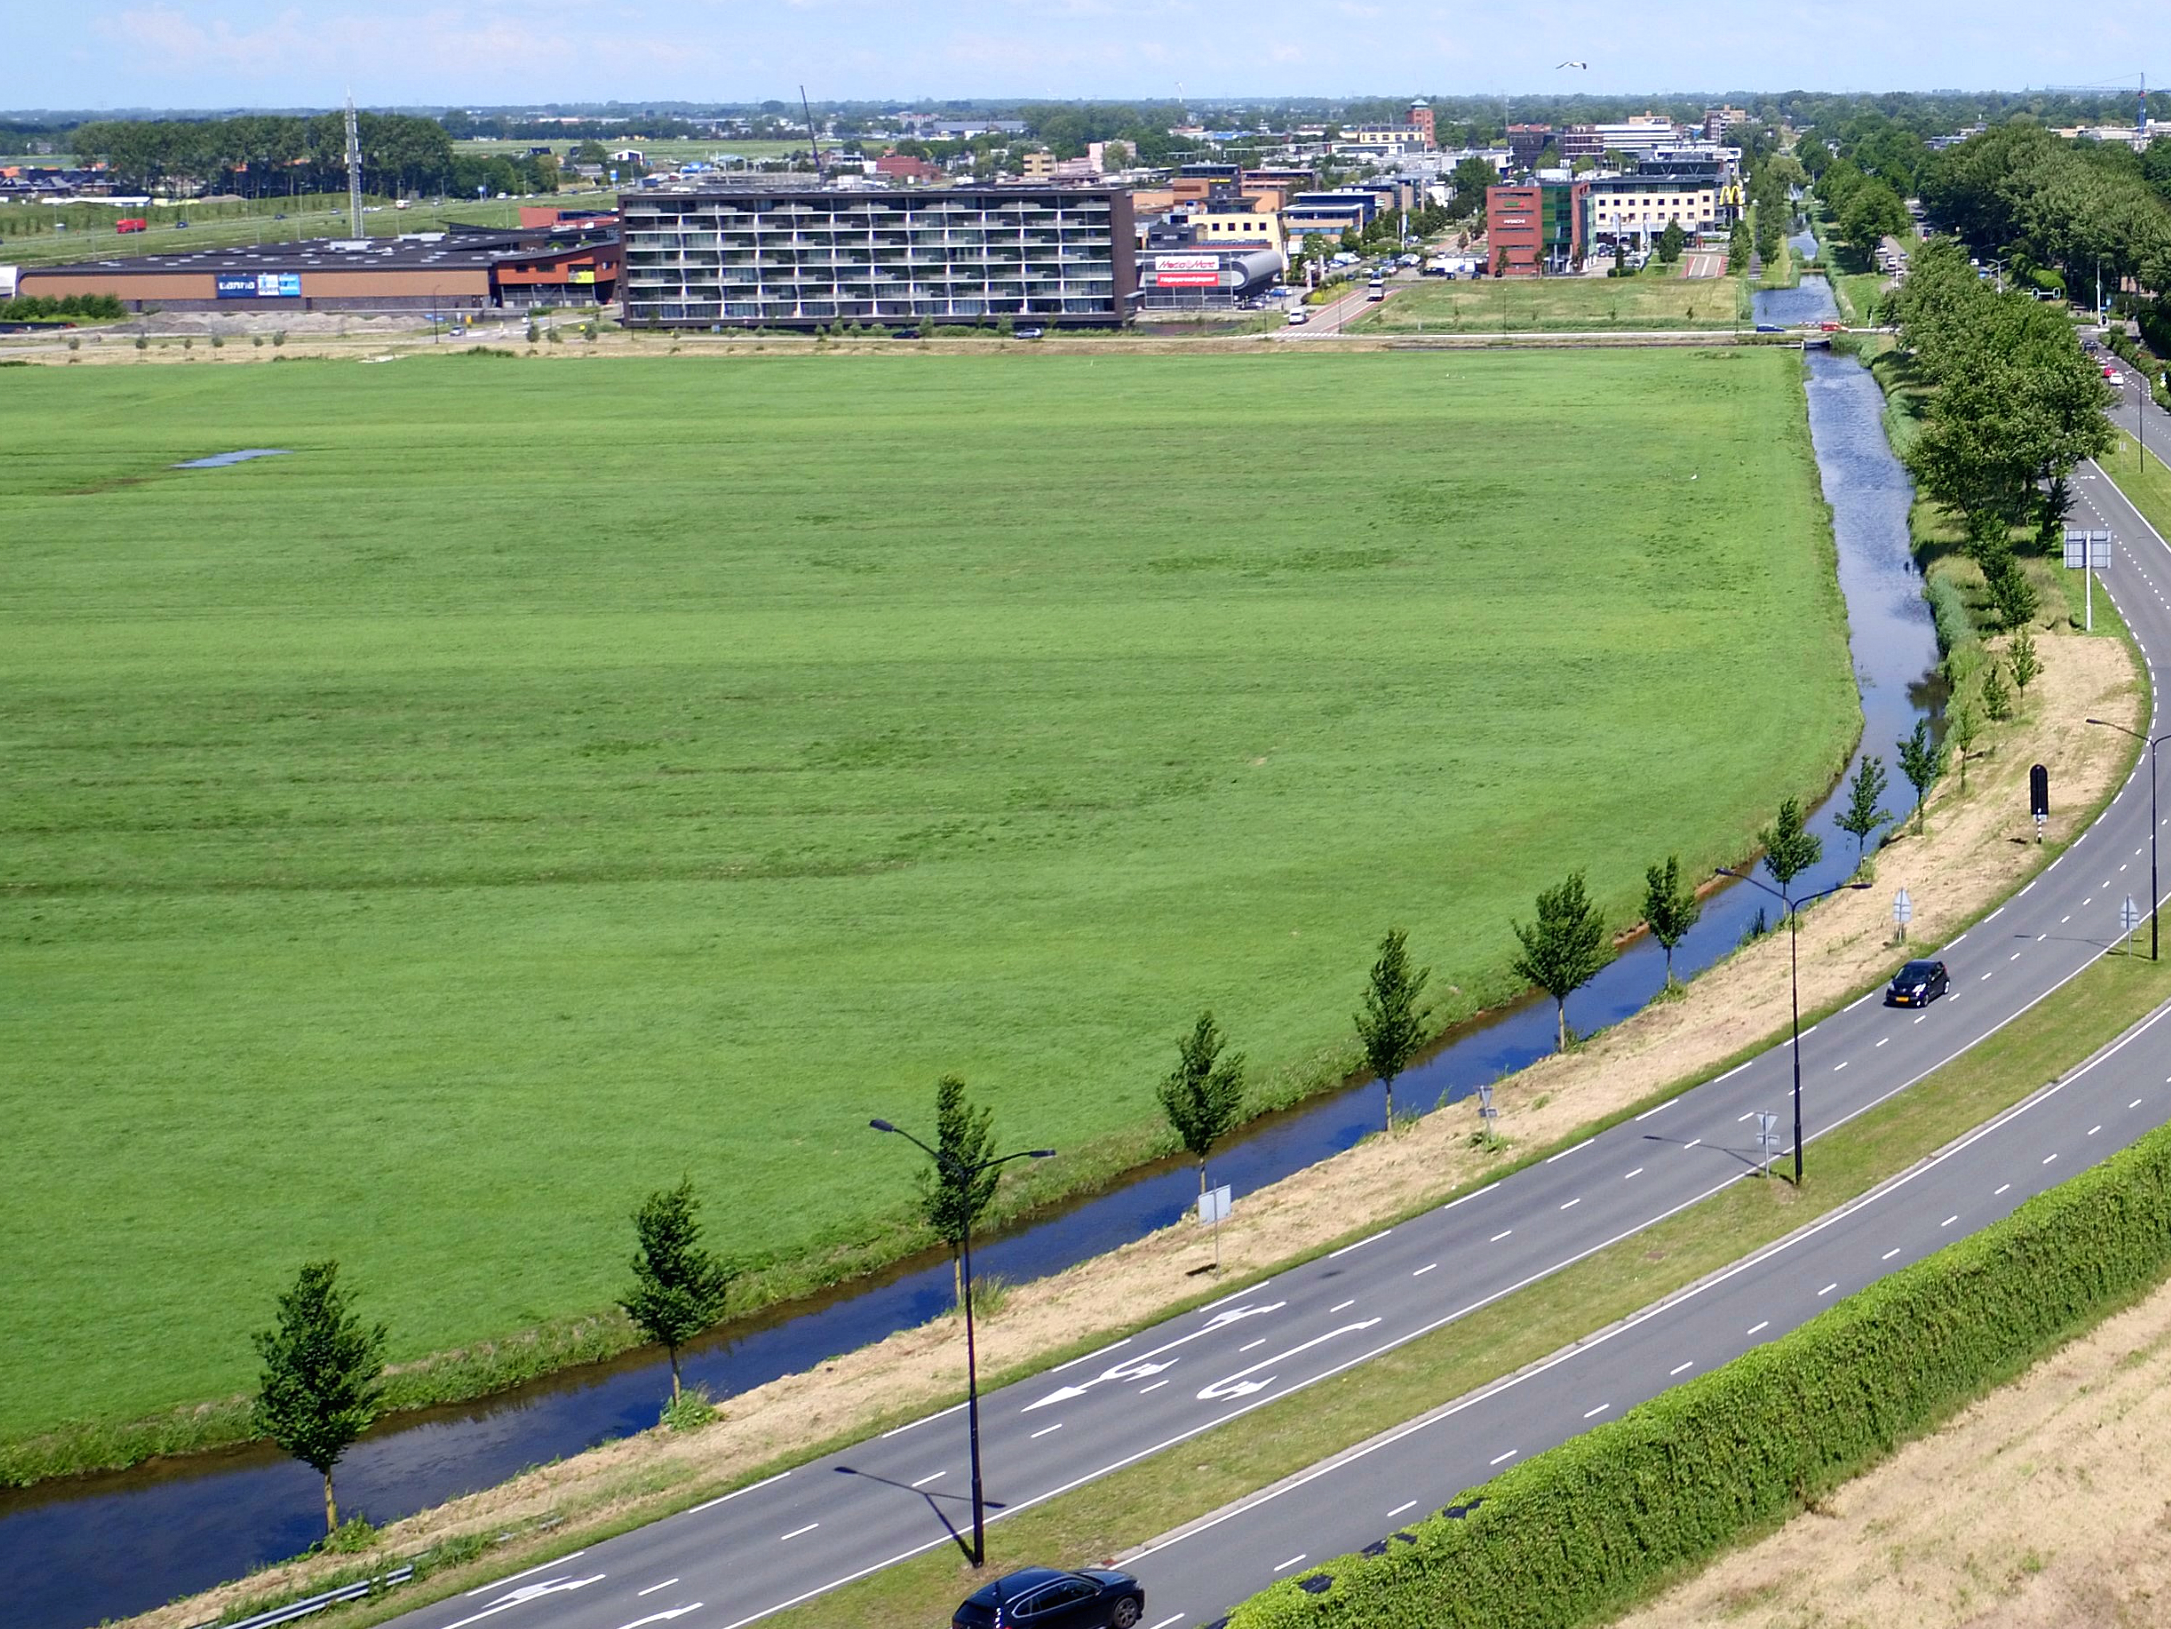 Lauwe reactie college op plan Piramidestad voor voormalige ziekenhuislocatie Heerhugowaard